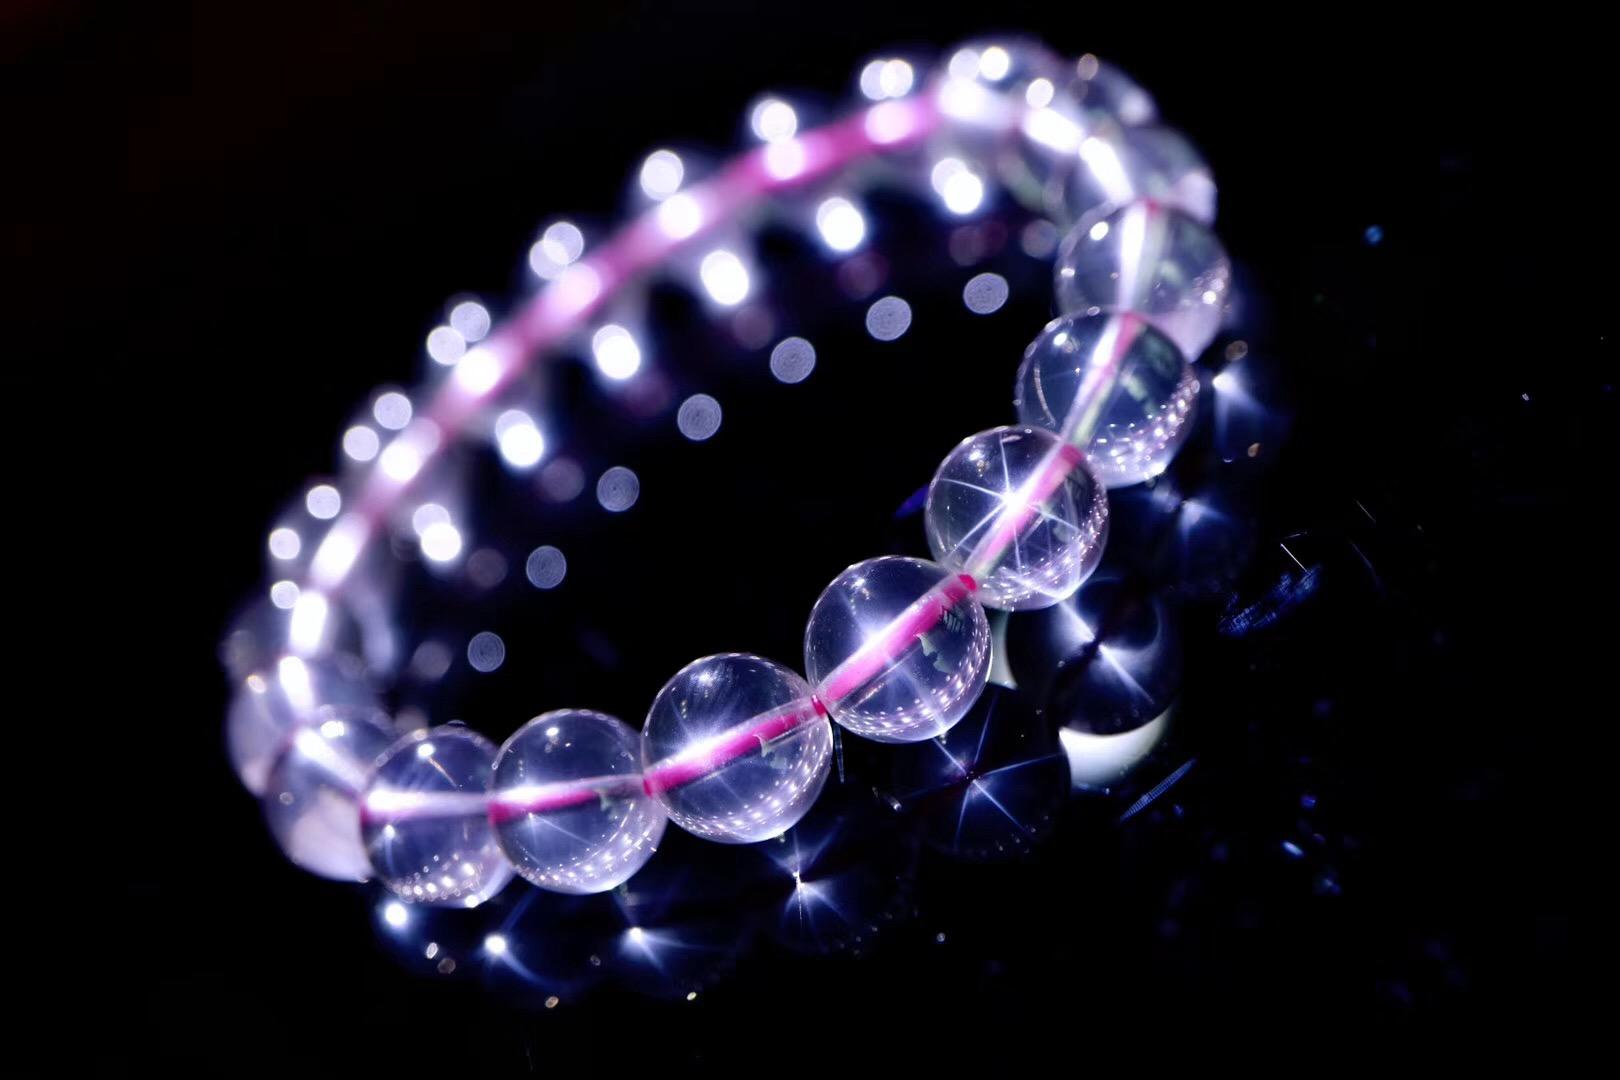 【粉晶   六道】 将星辰装入粉晶,形如闪星,分外迷人~-菩心晶舍